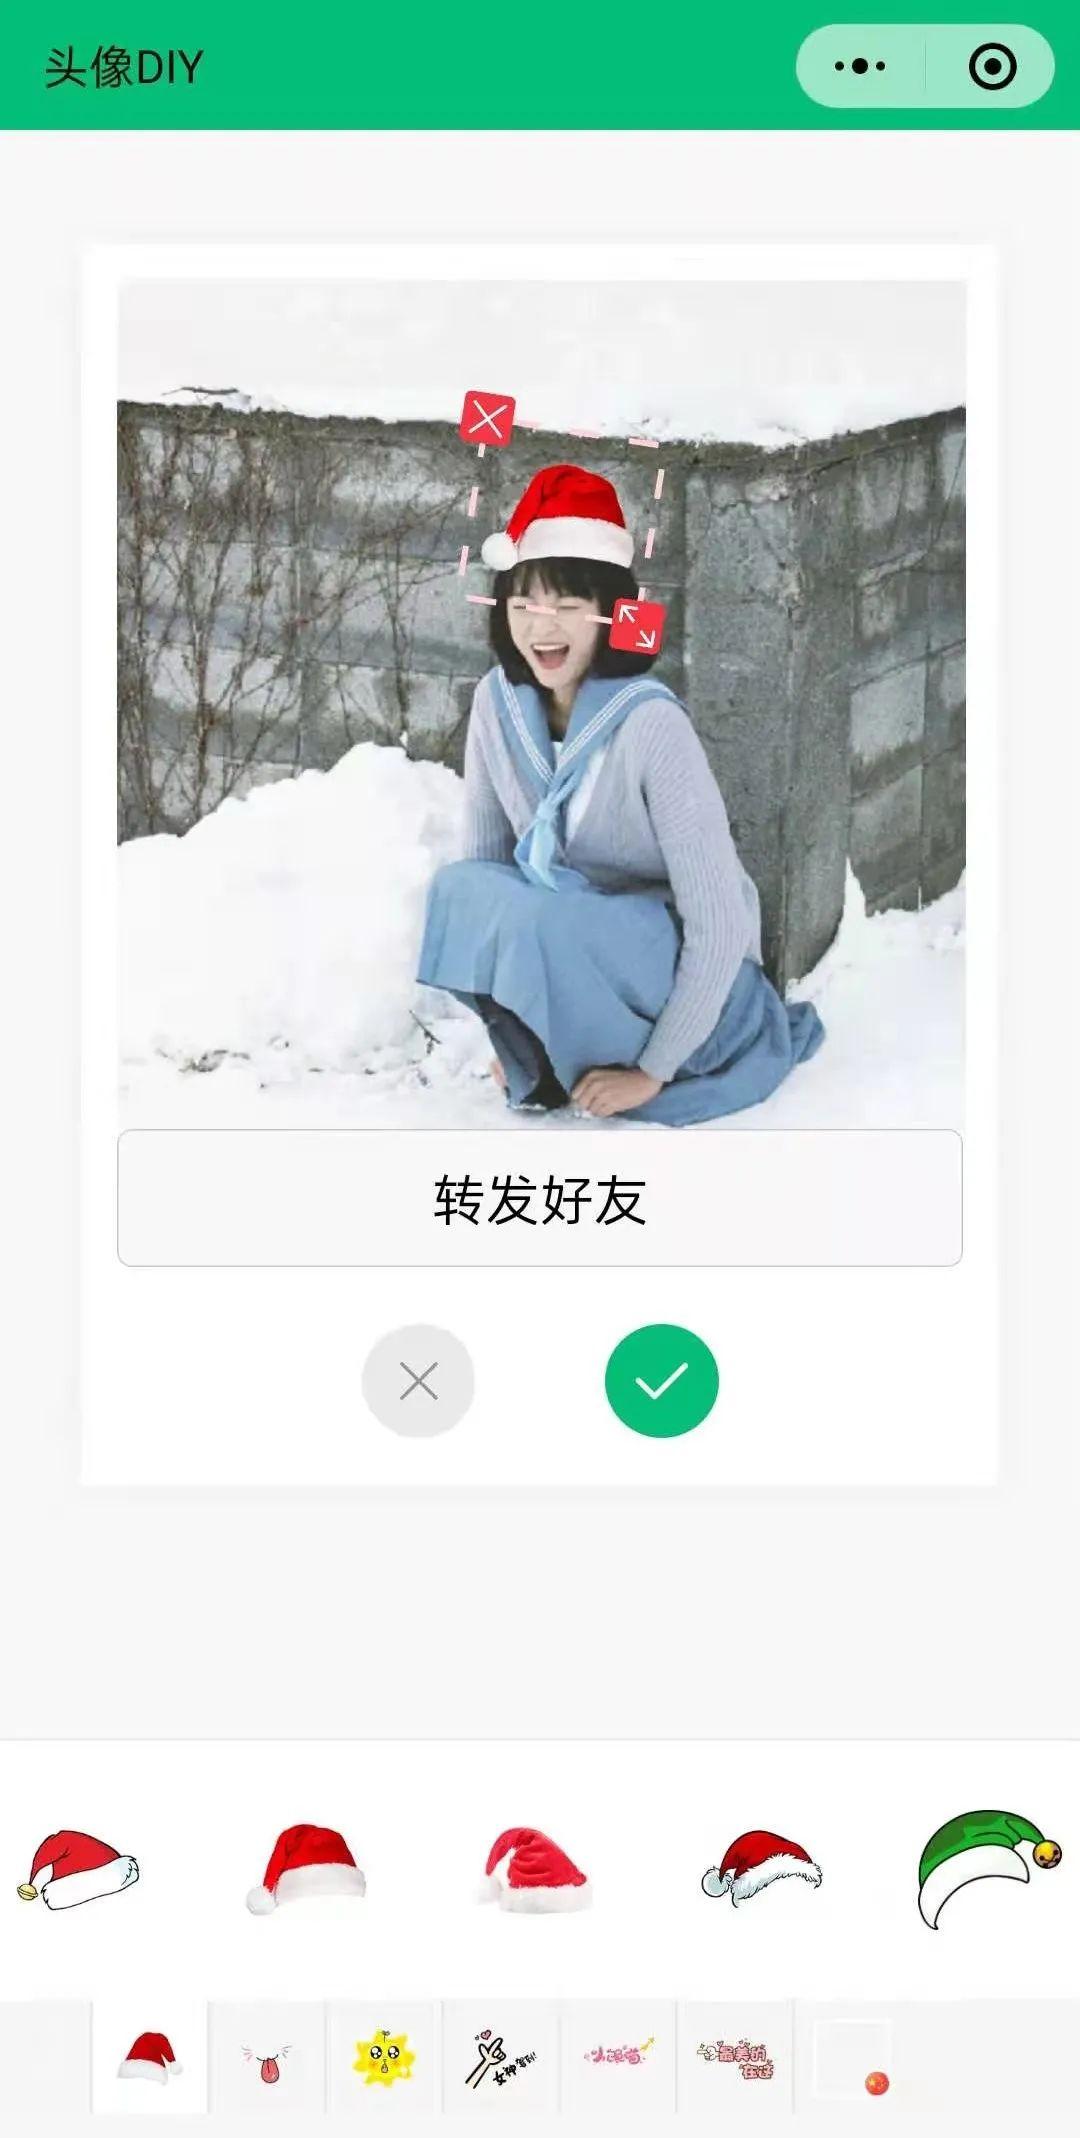 分享一款微信头像添加圣诞帽软件使用教程,换个有节日气氛的头像-盘仙人